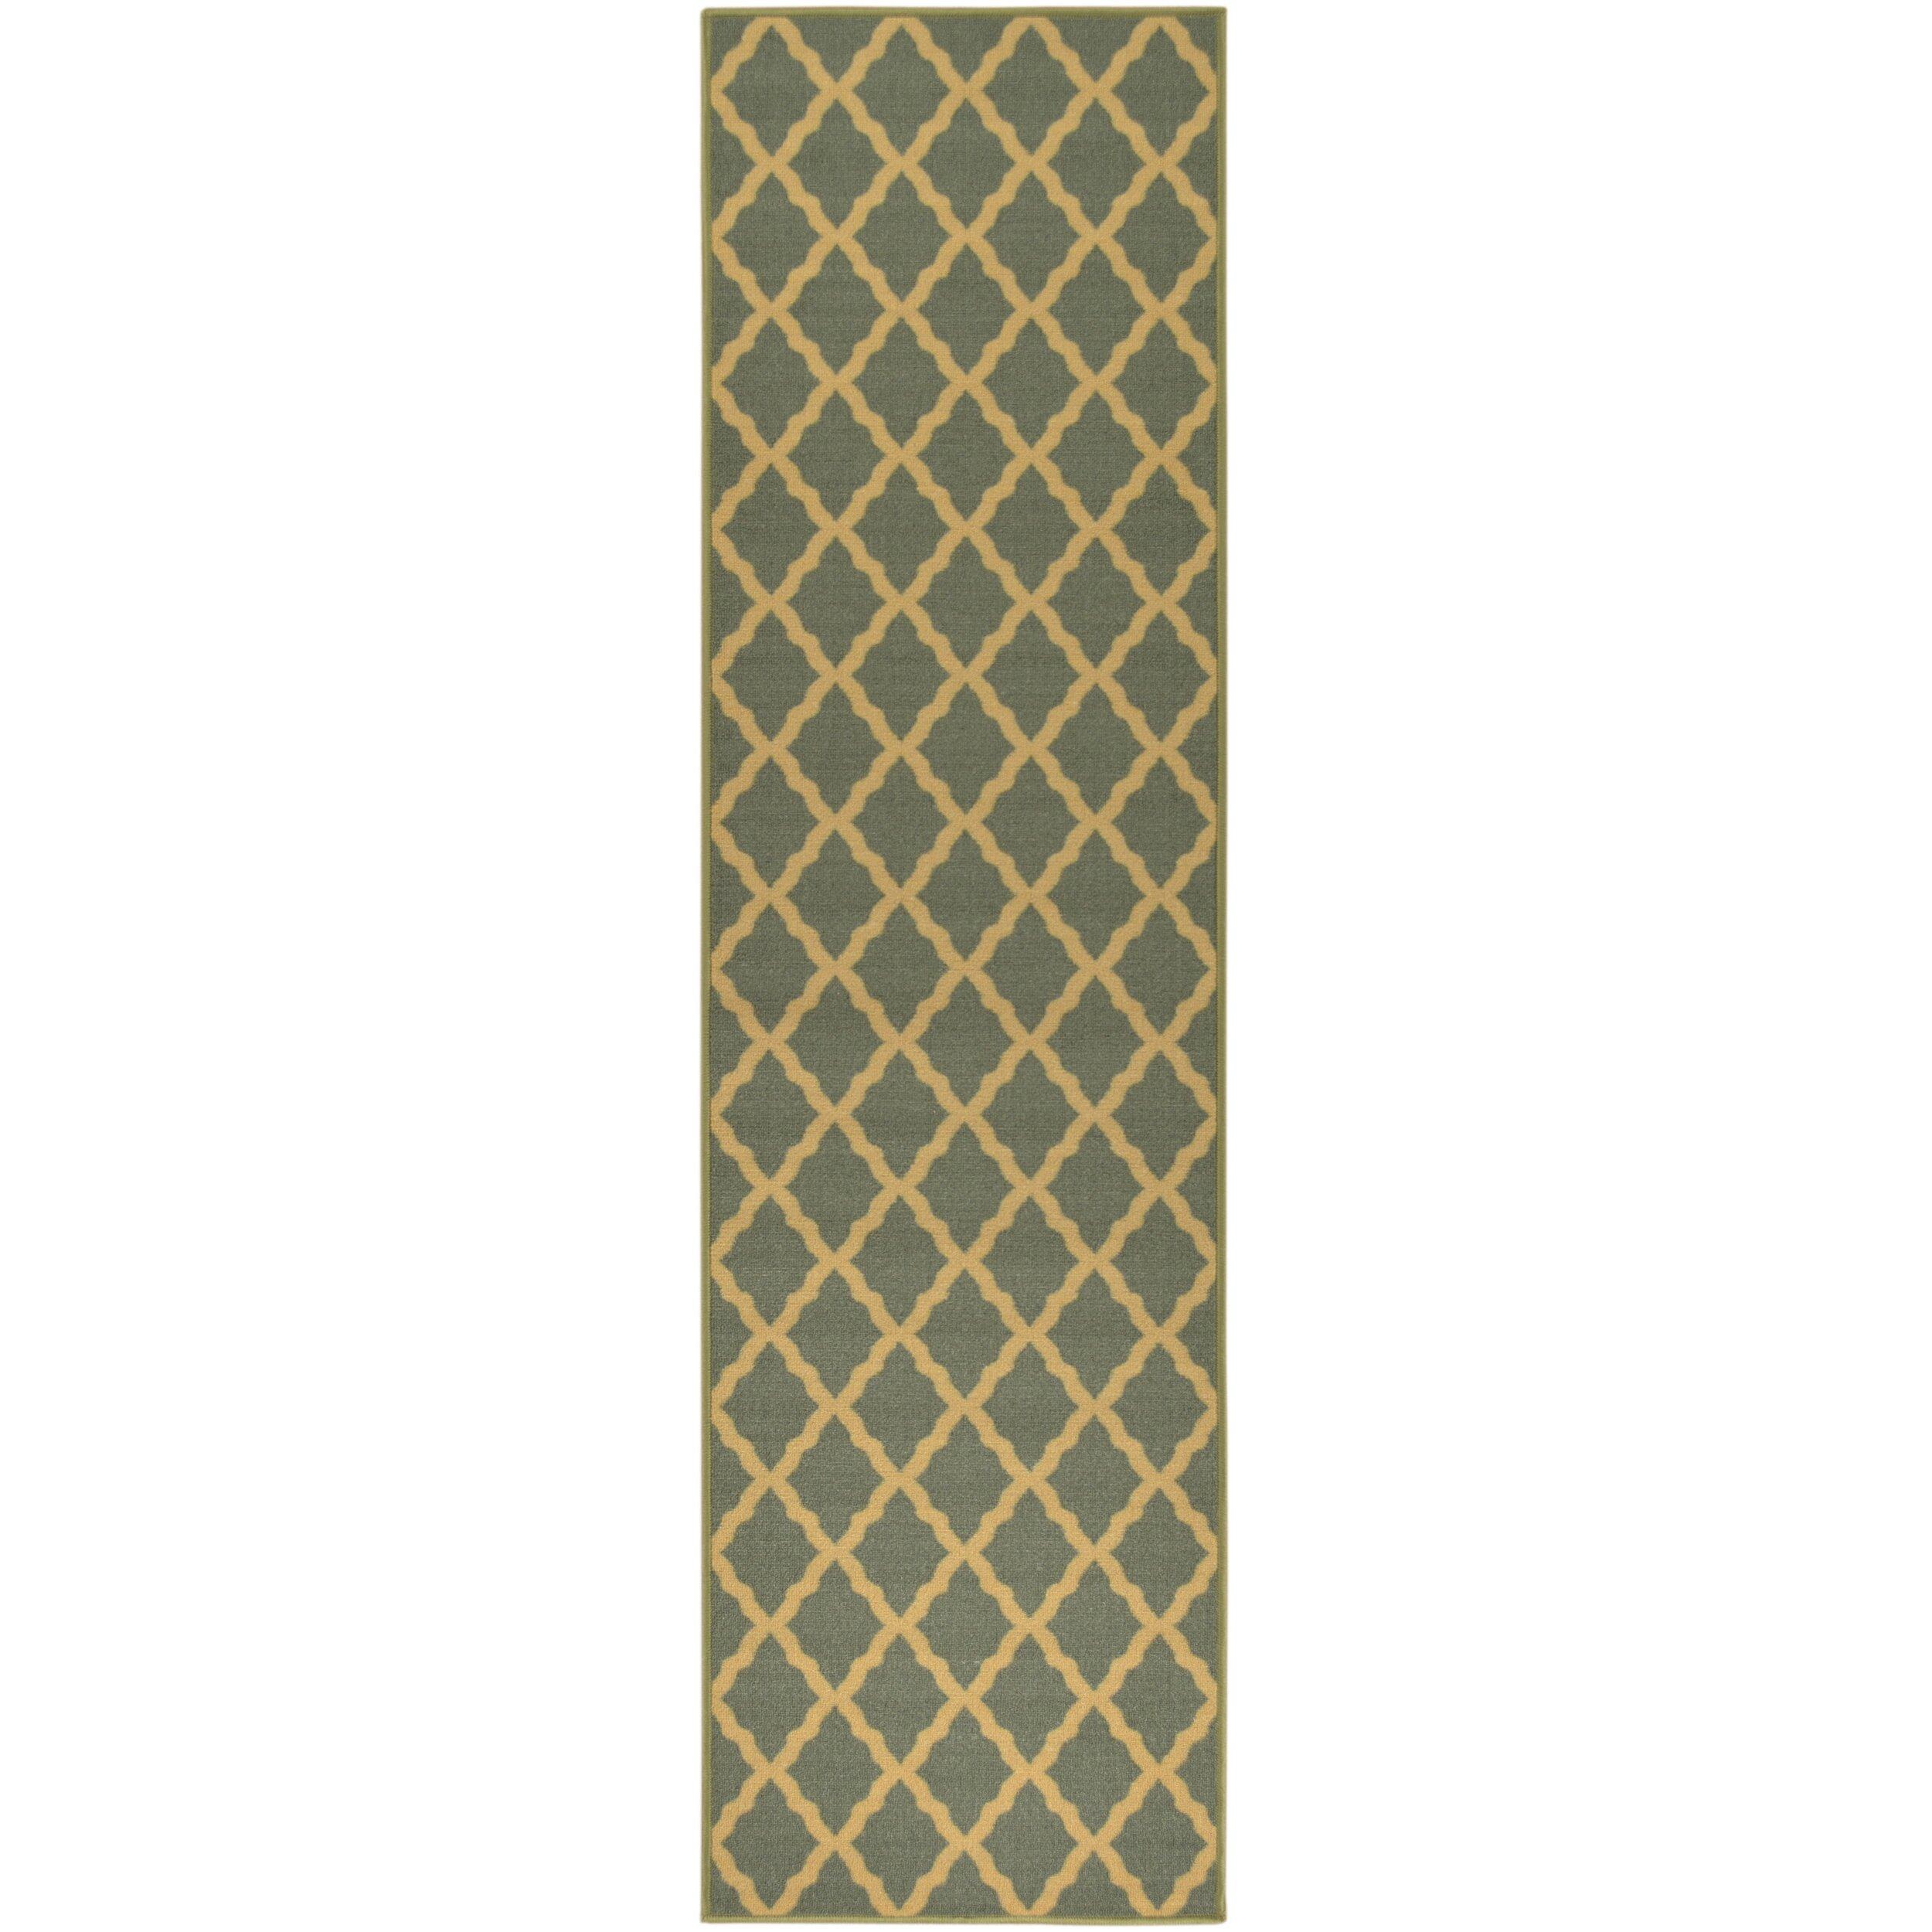 Ottomanson Ottohome Moroccan Trellis Design Sage Green